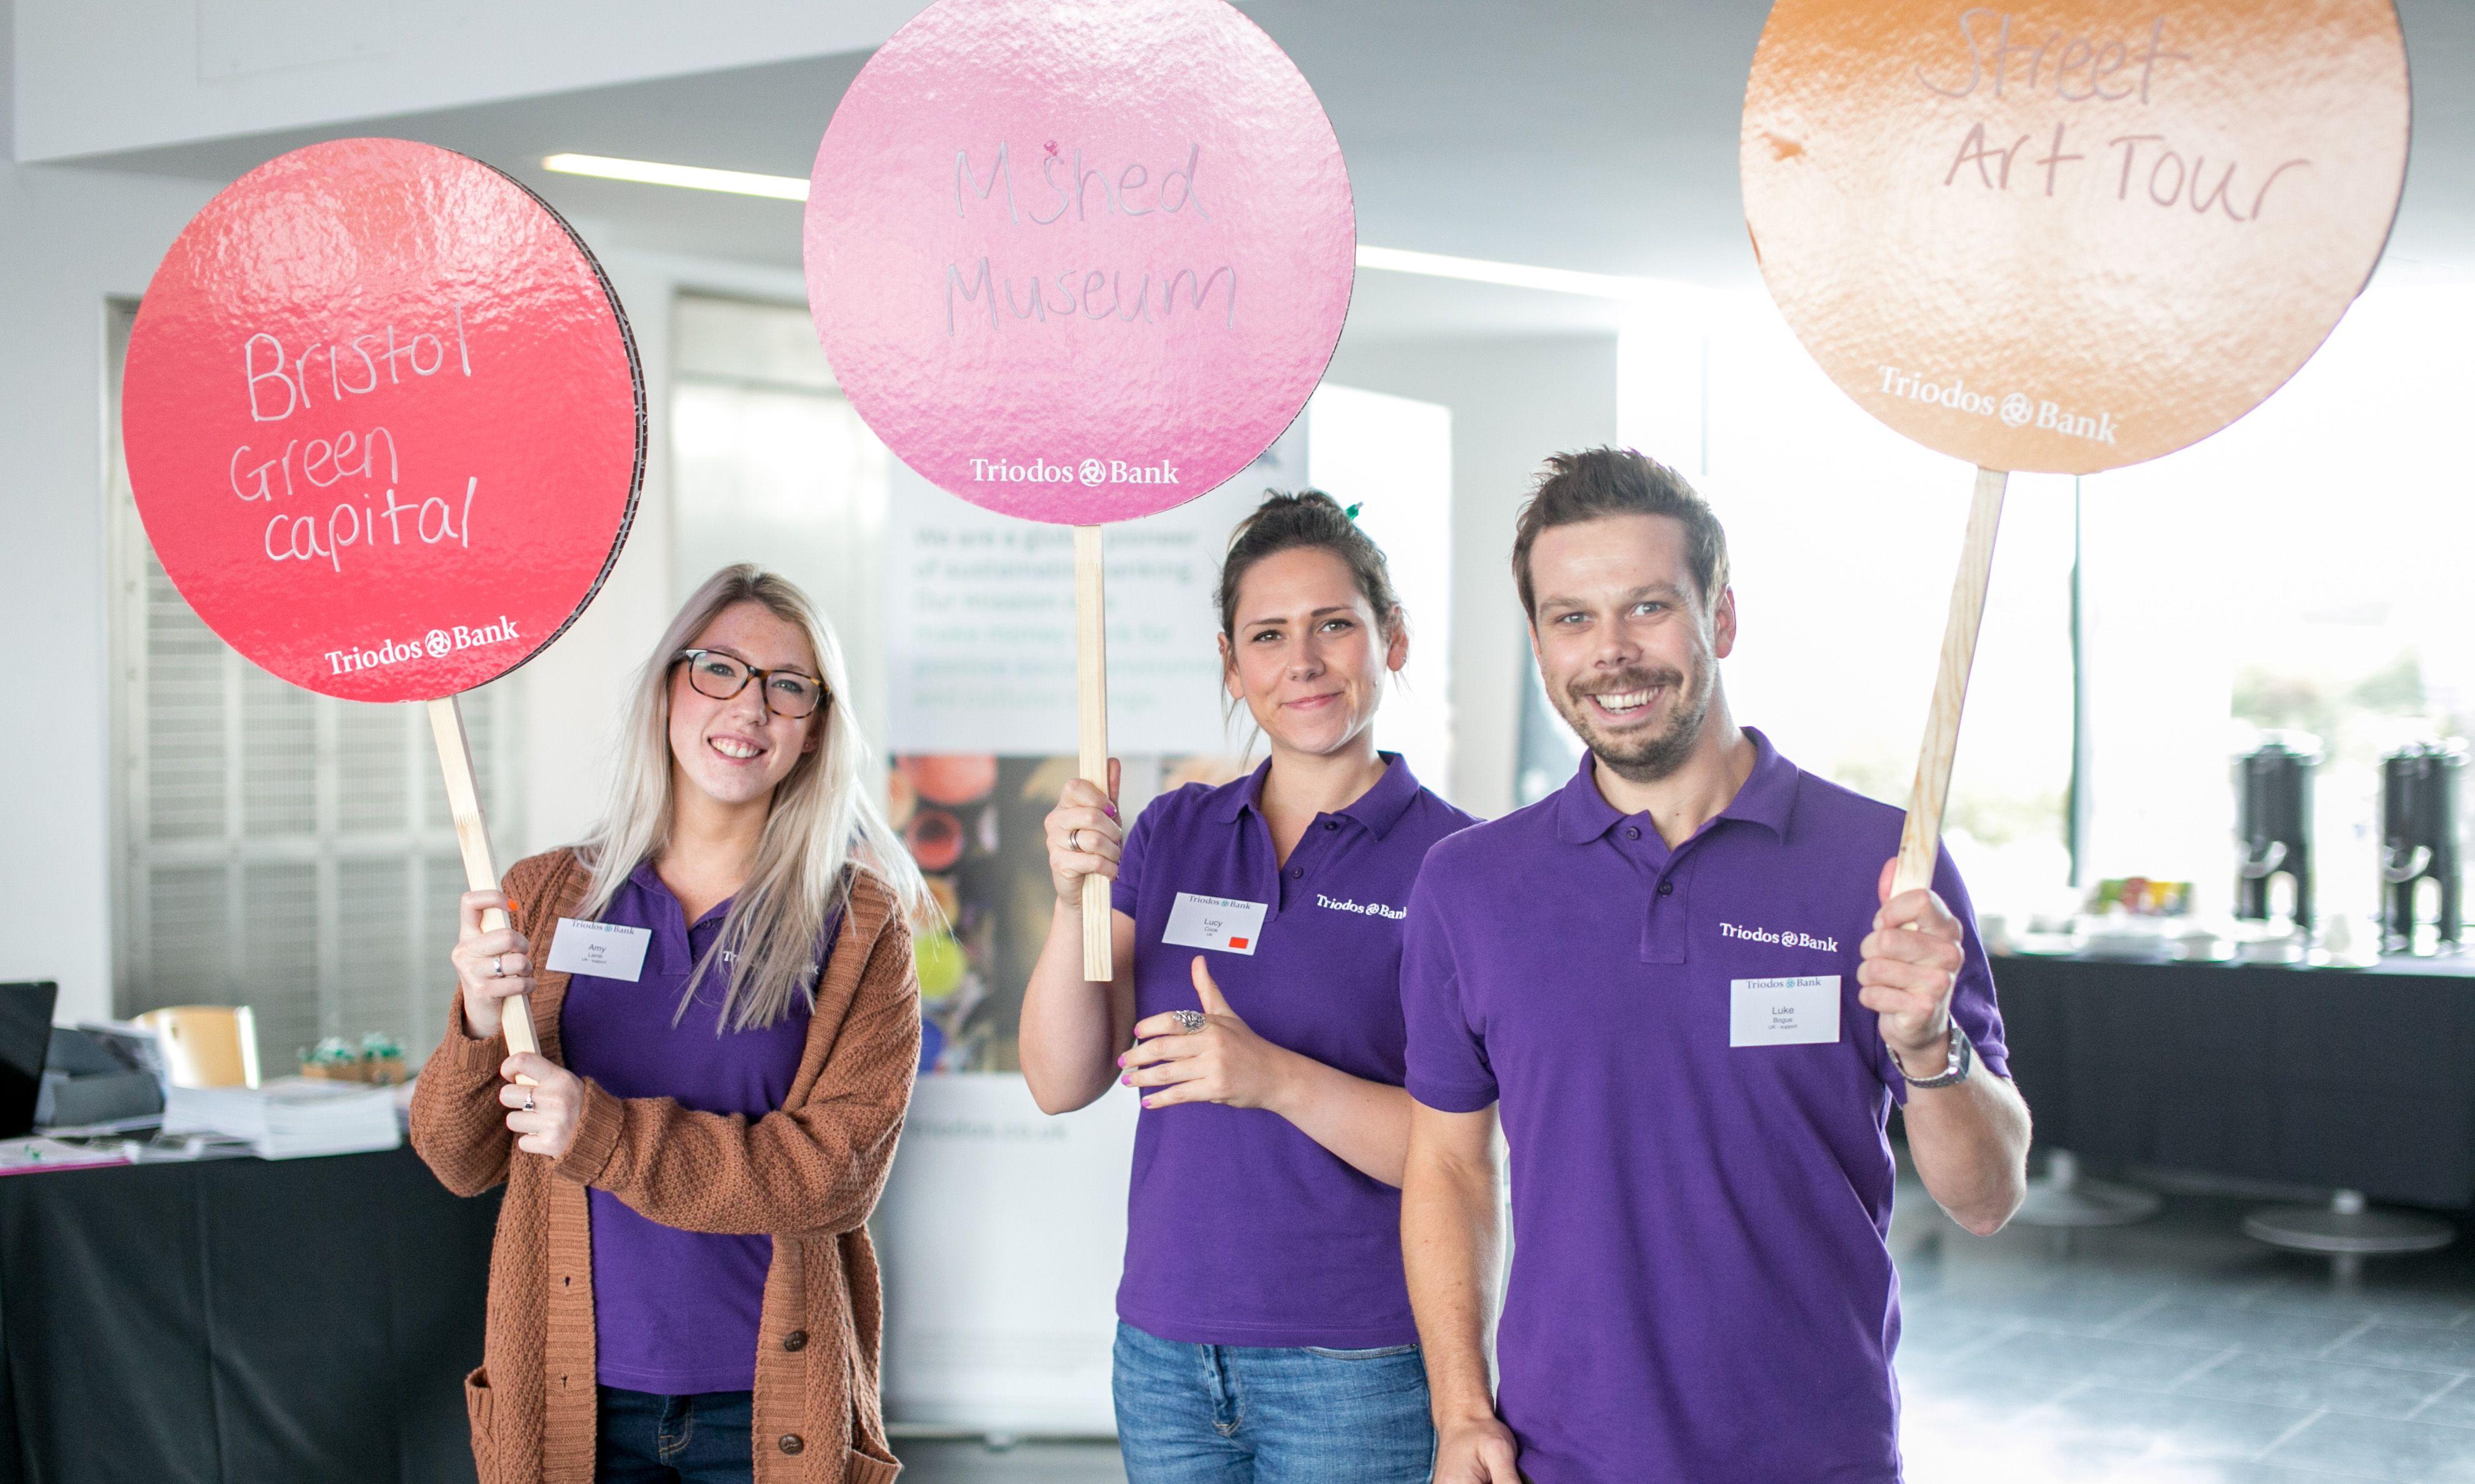 Empleados de Triodos Bank Reino Unido guiaron a los compañeros de las diferentes sucursales del banco en talleres diversos para explorar en persona proyectos sociales, culturales y medioambientales de clientes de la entidad.